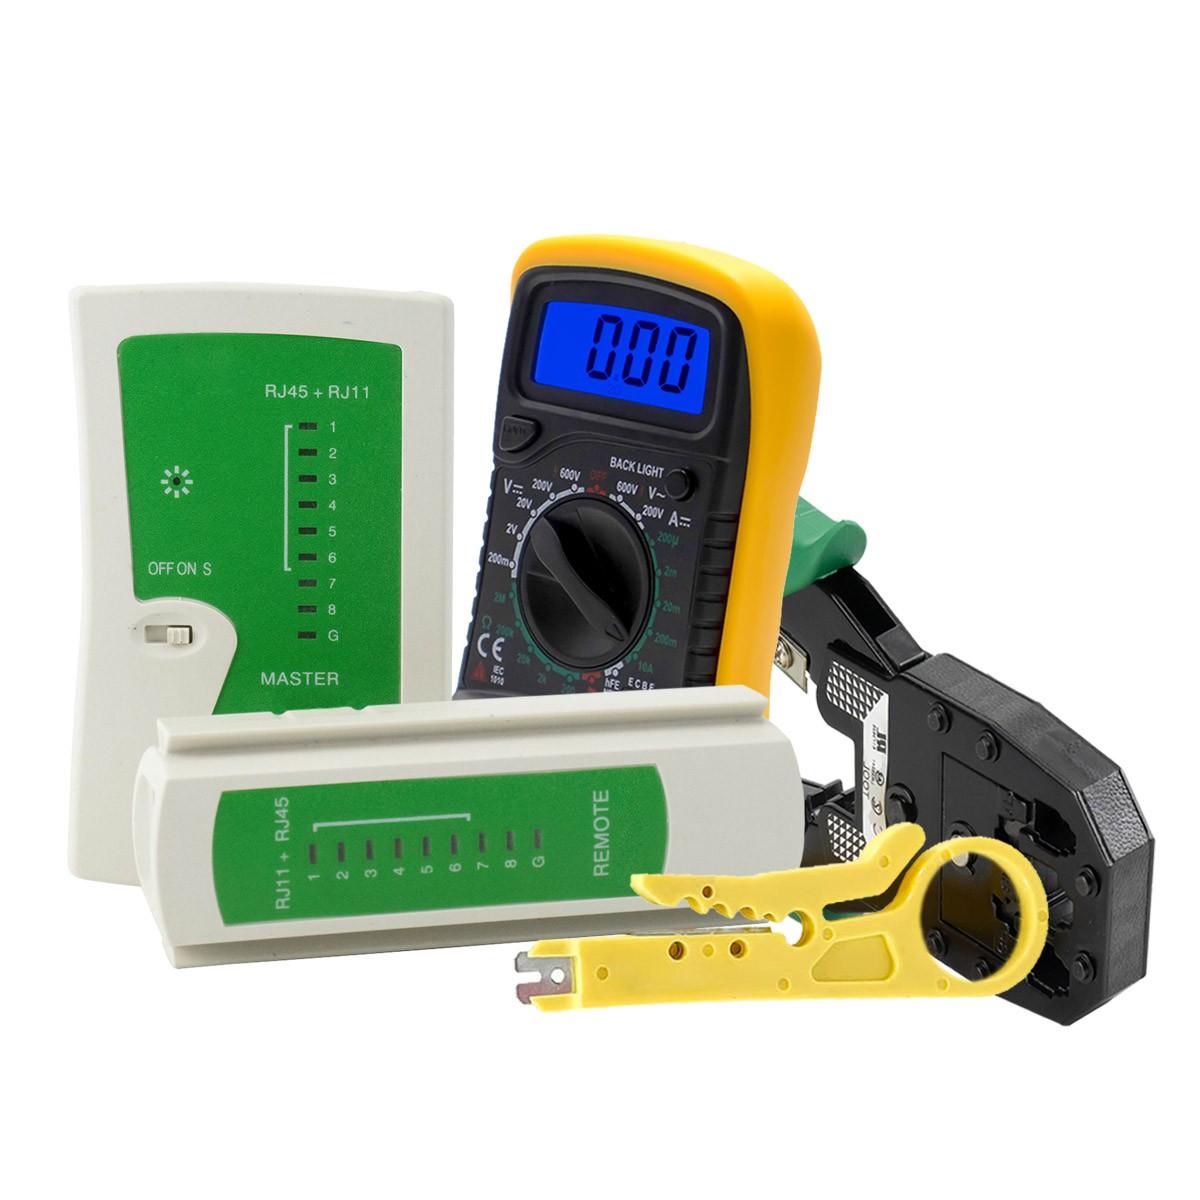 KIT Multímetro Digital MD-200L + Testador de Cabo RJ45 e RJ11 + Alicate de Crimpagem RJ45 e RJ11